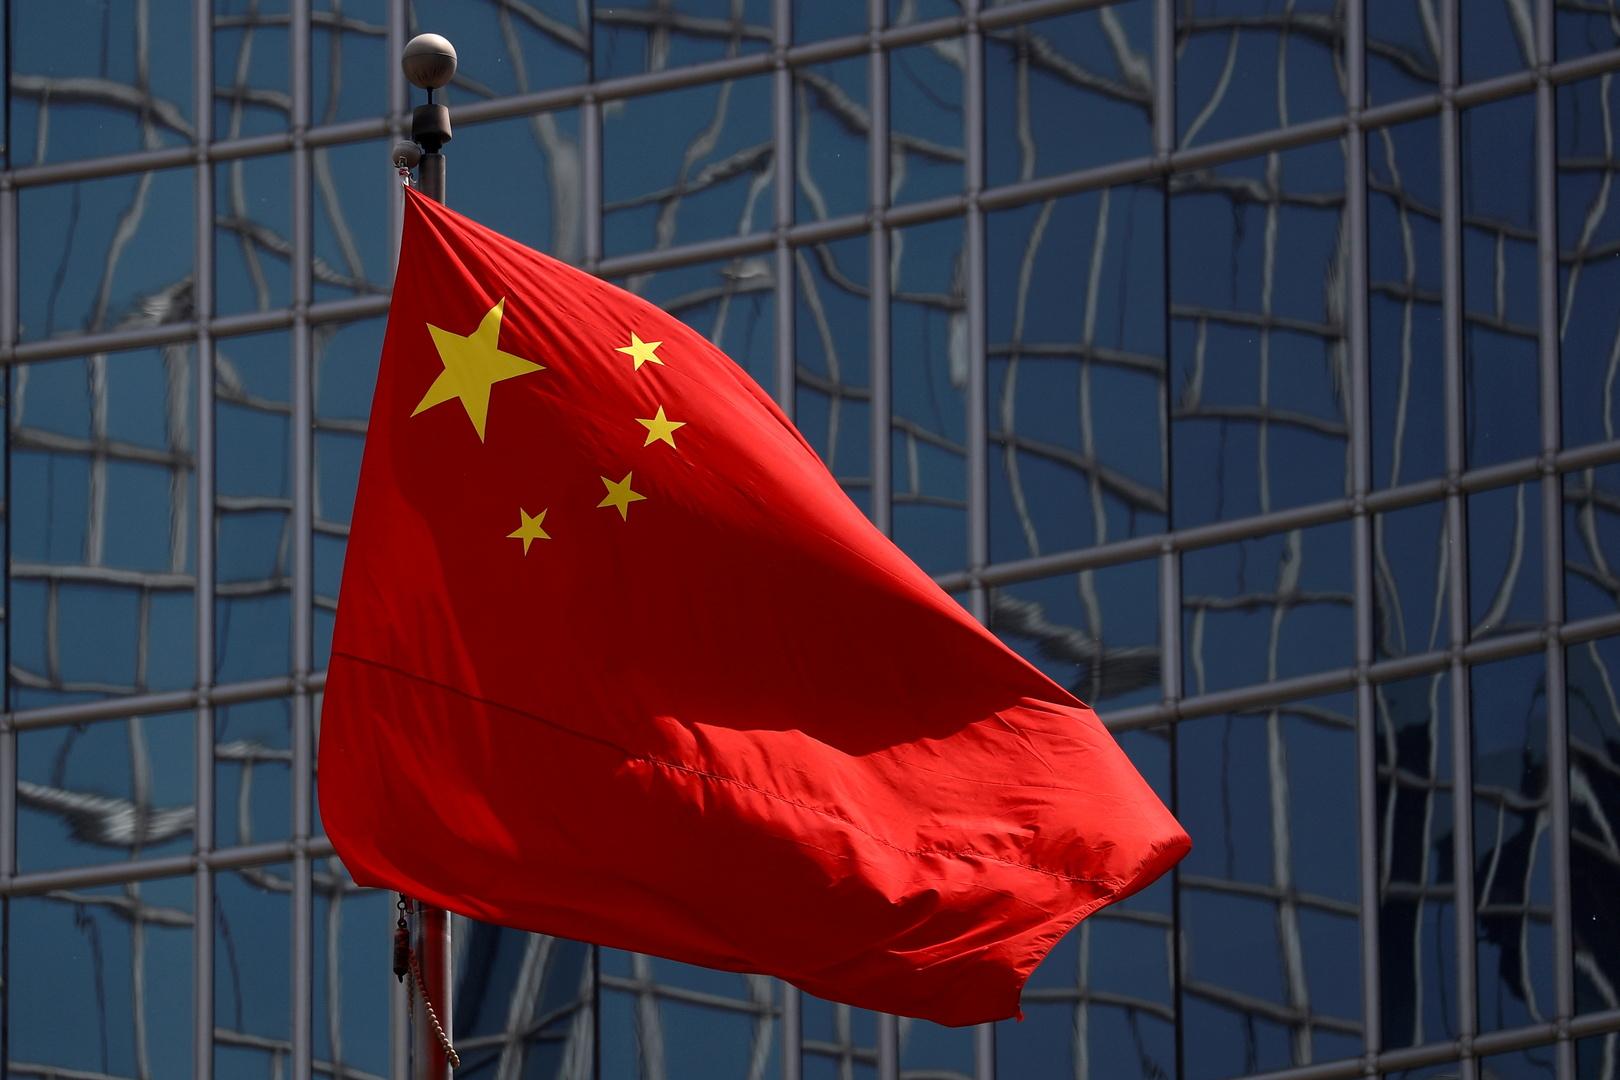 فقدان 9 أشخاص اثر تصادم سفينتين بشرقي الصين